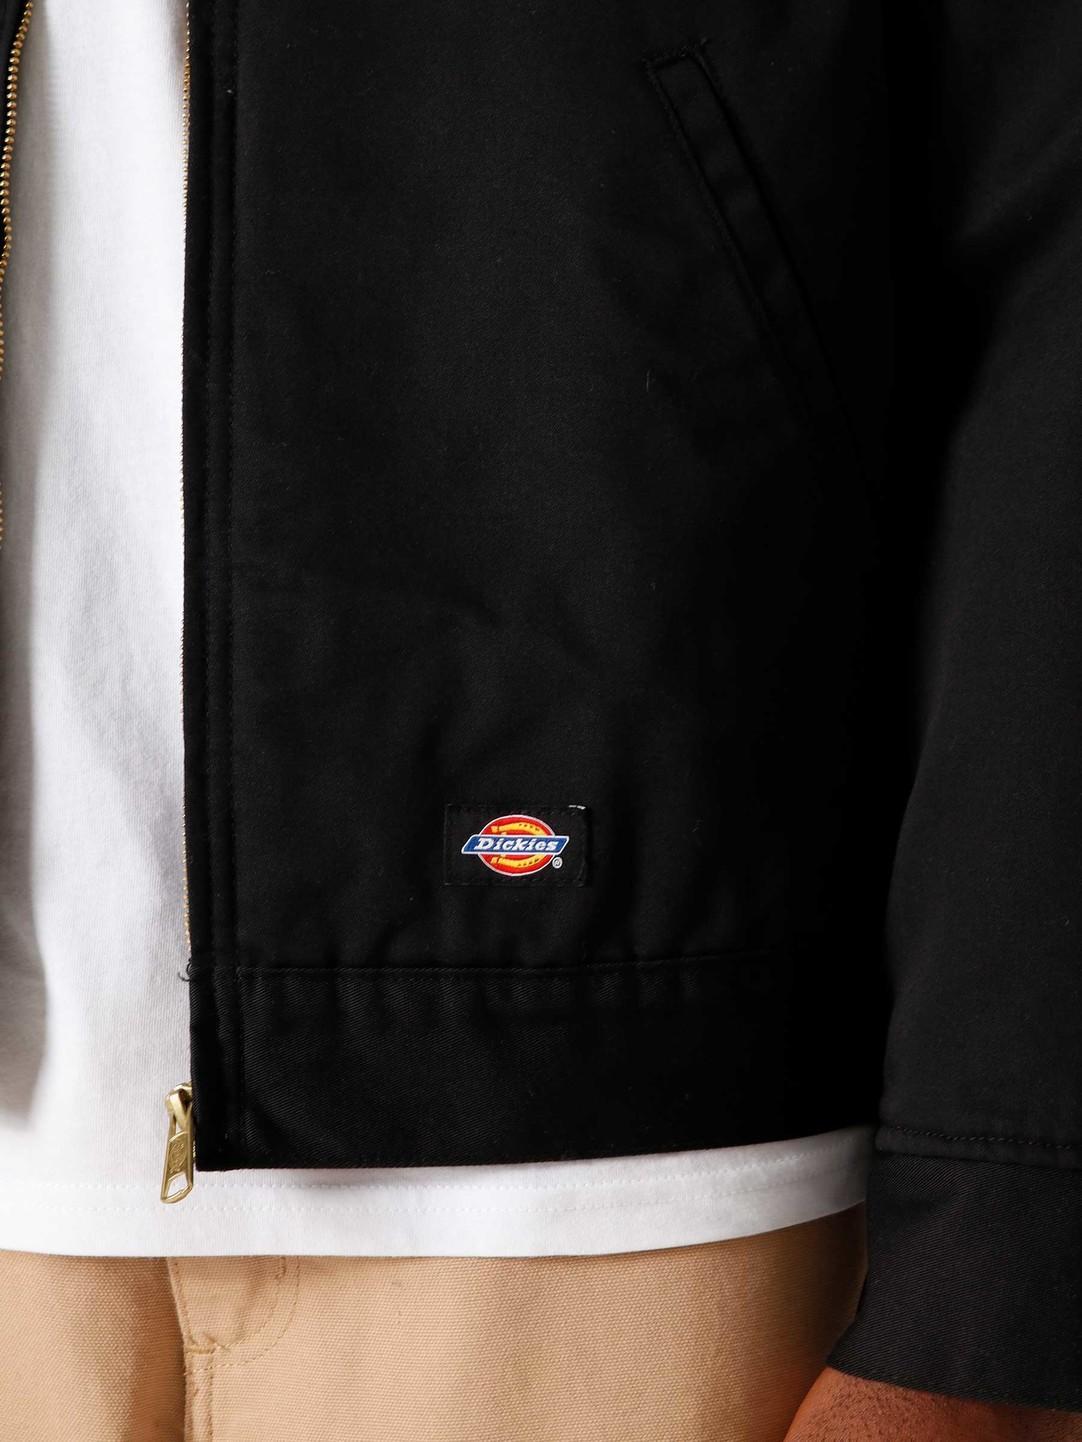 Dickies Dickies Lined Eisenhower Jacket Black DK00TJ15BLK1